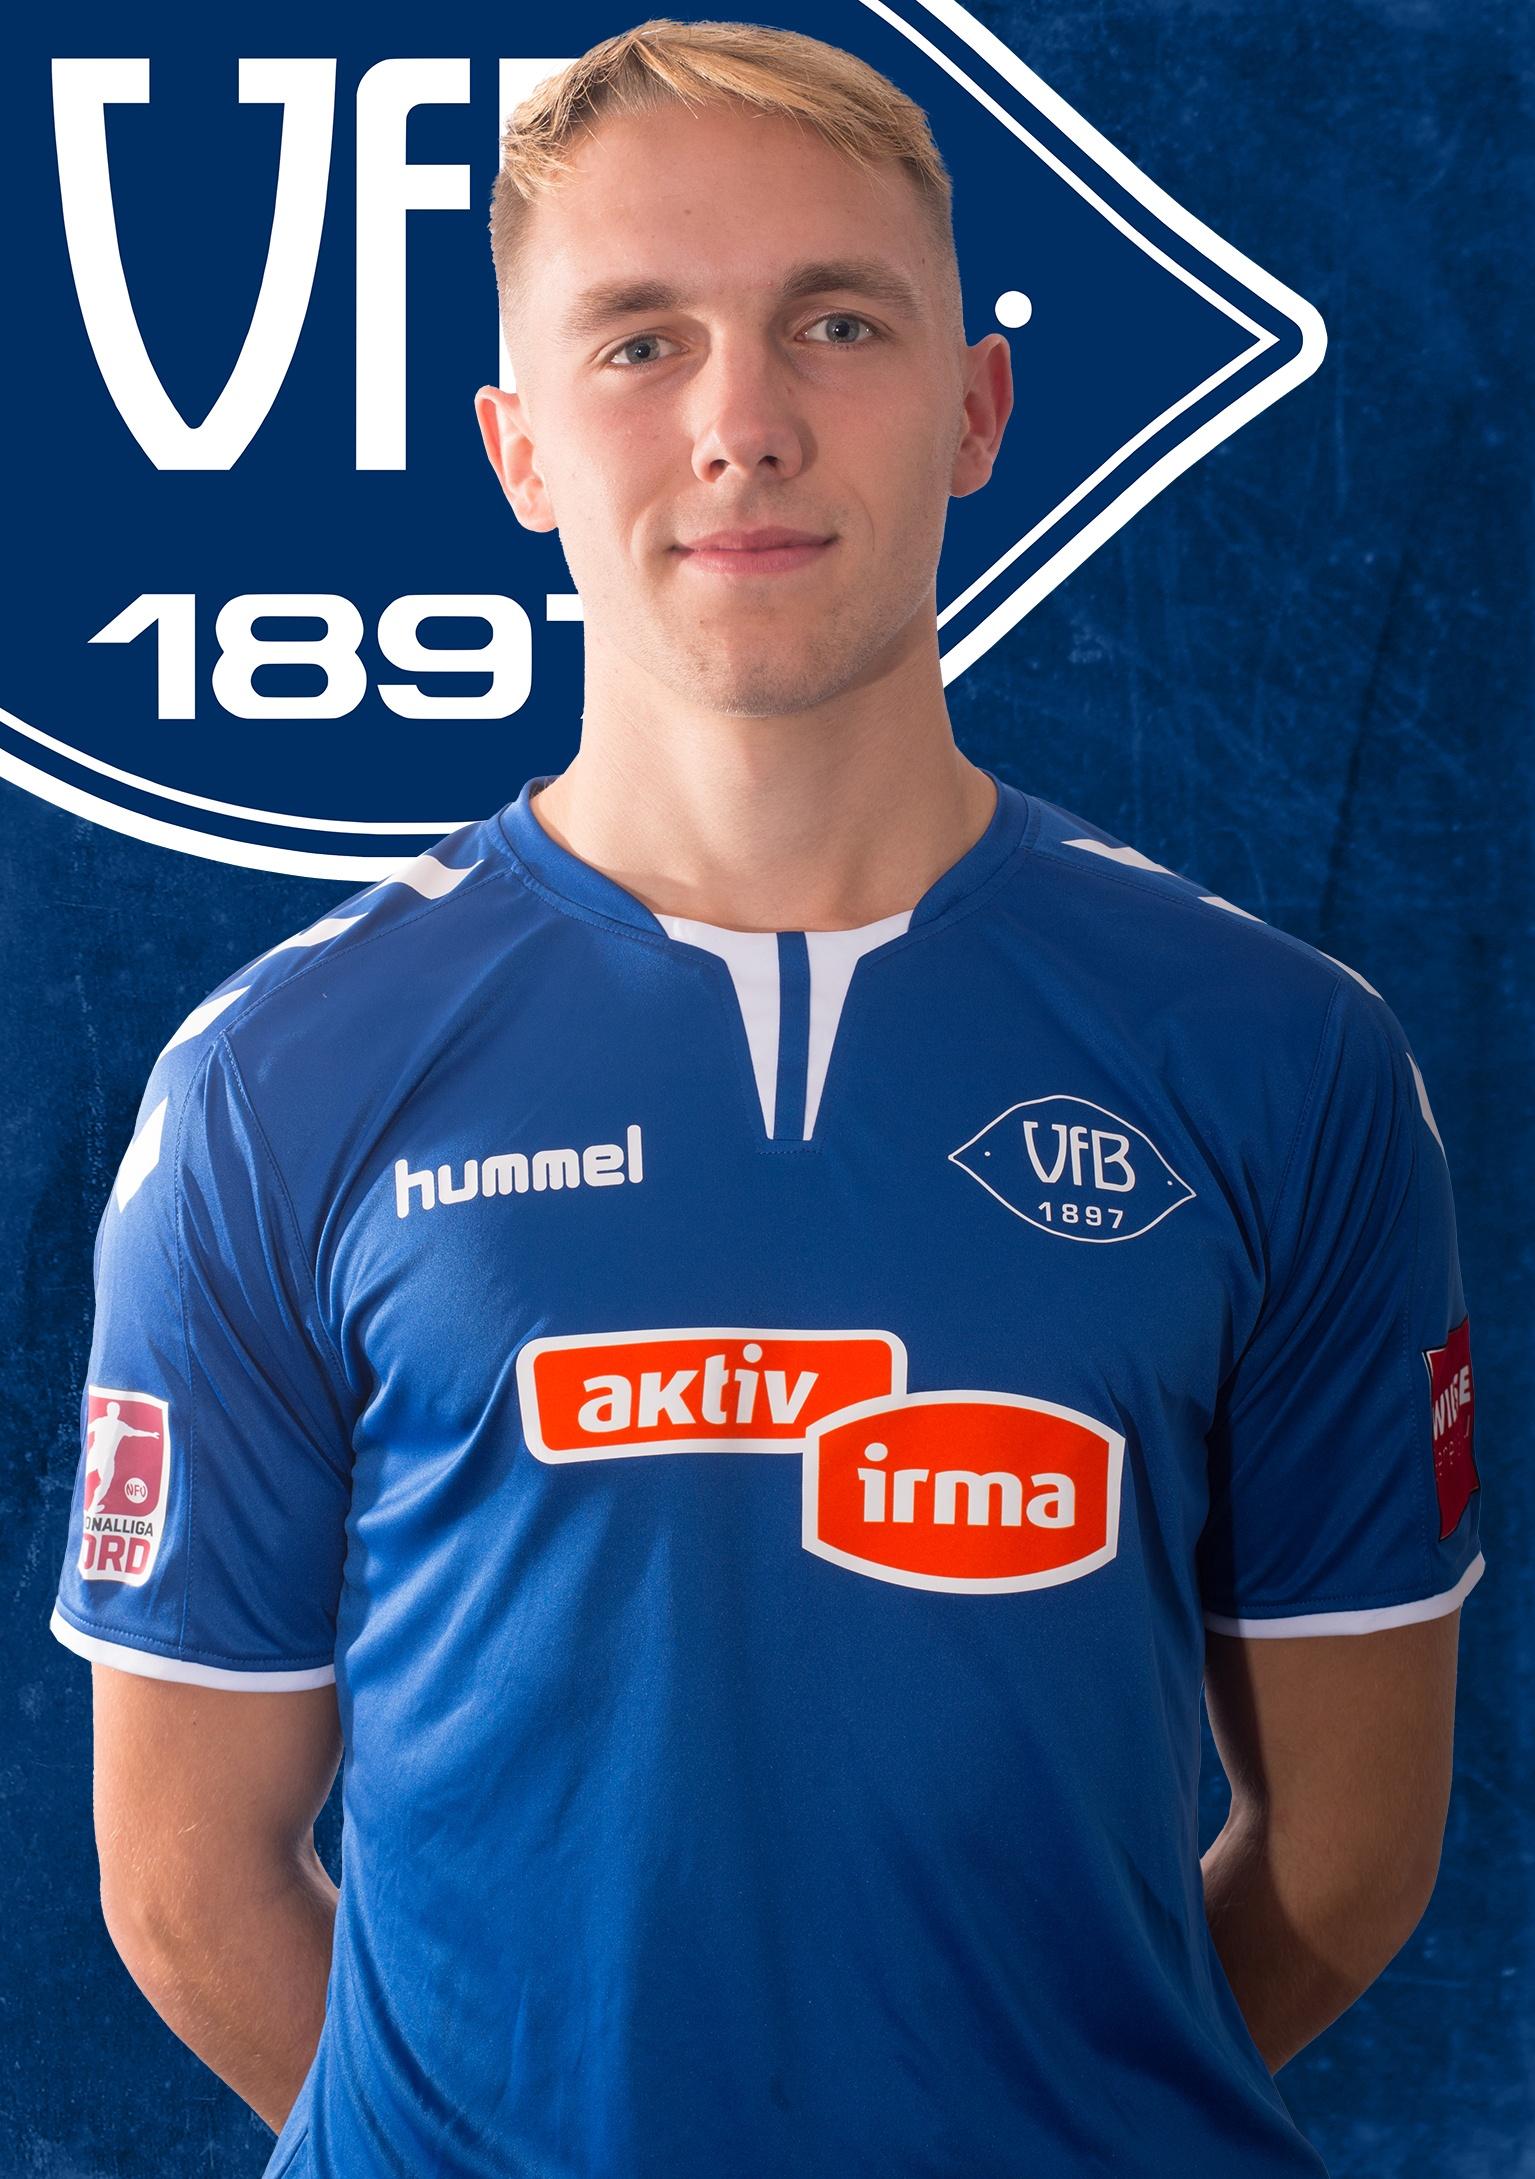 Fabian Herbst